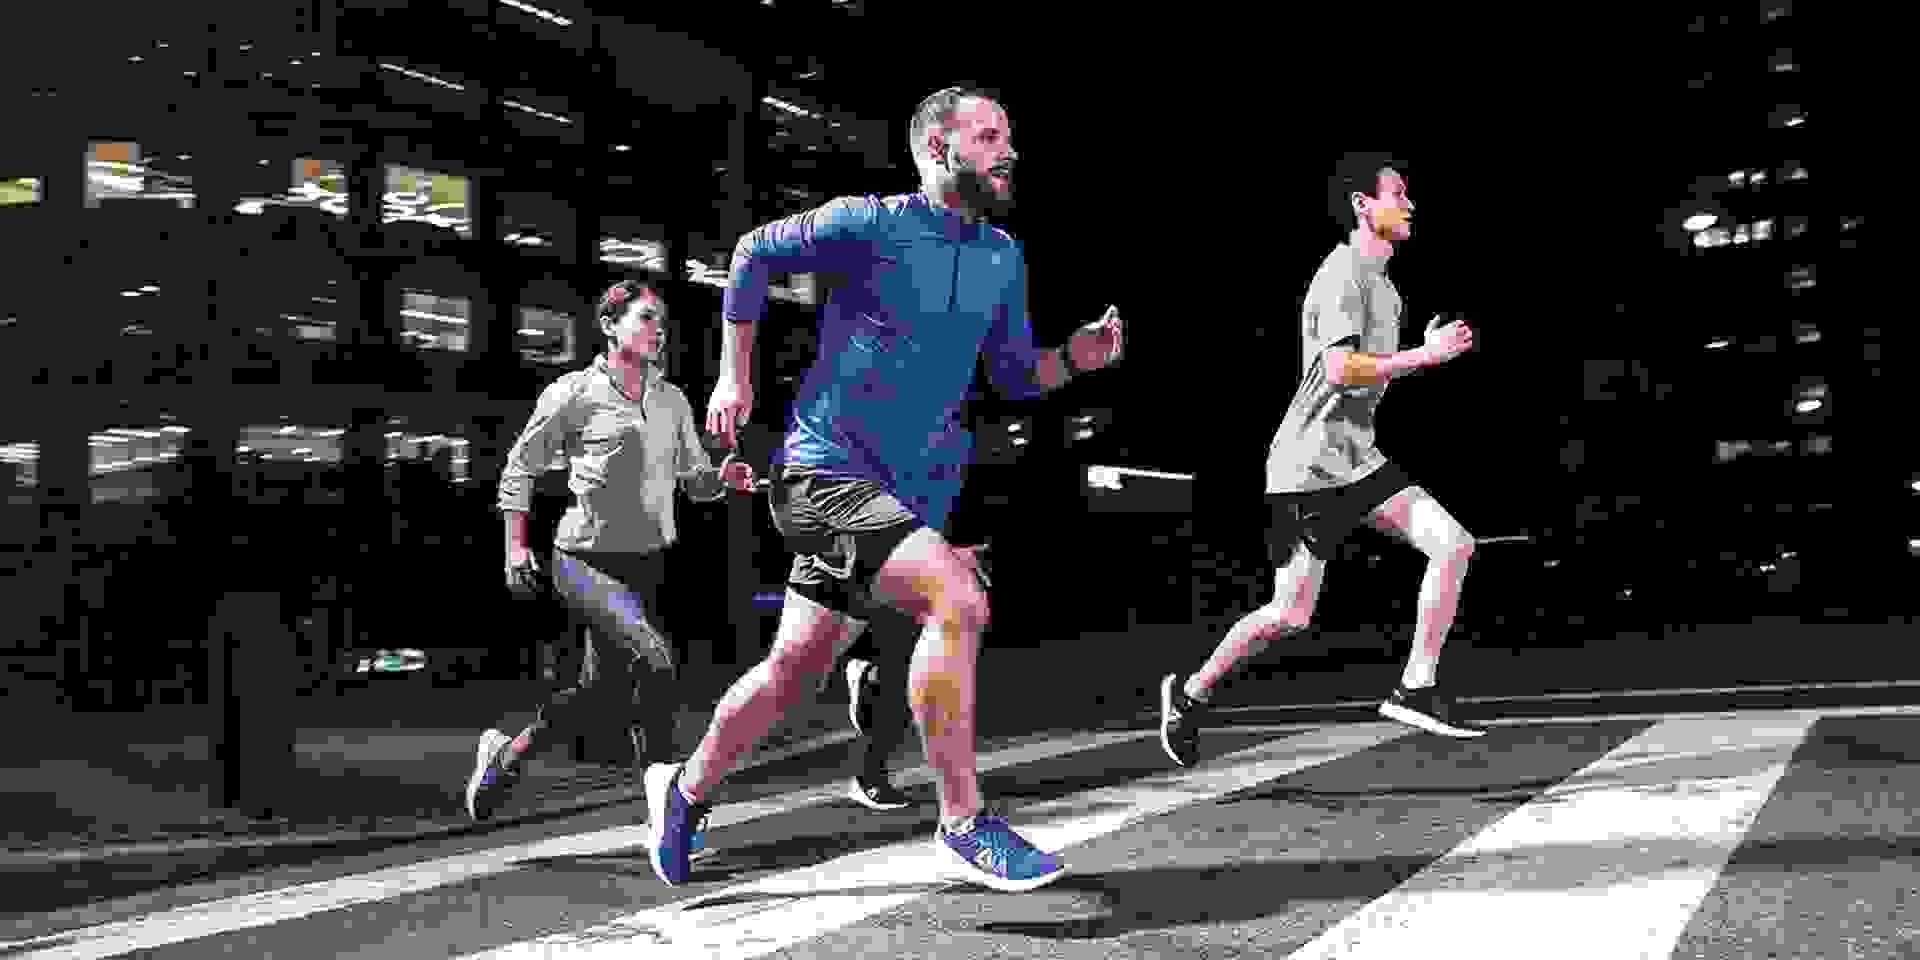 Eine Gruppe Läufer trainiert in der Stadt und läuft über einen Zebrasteifen